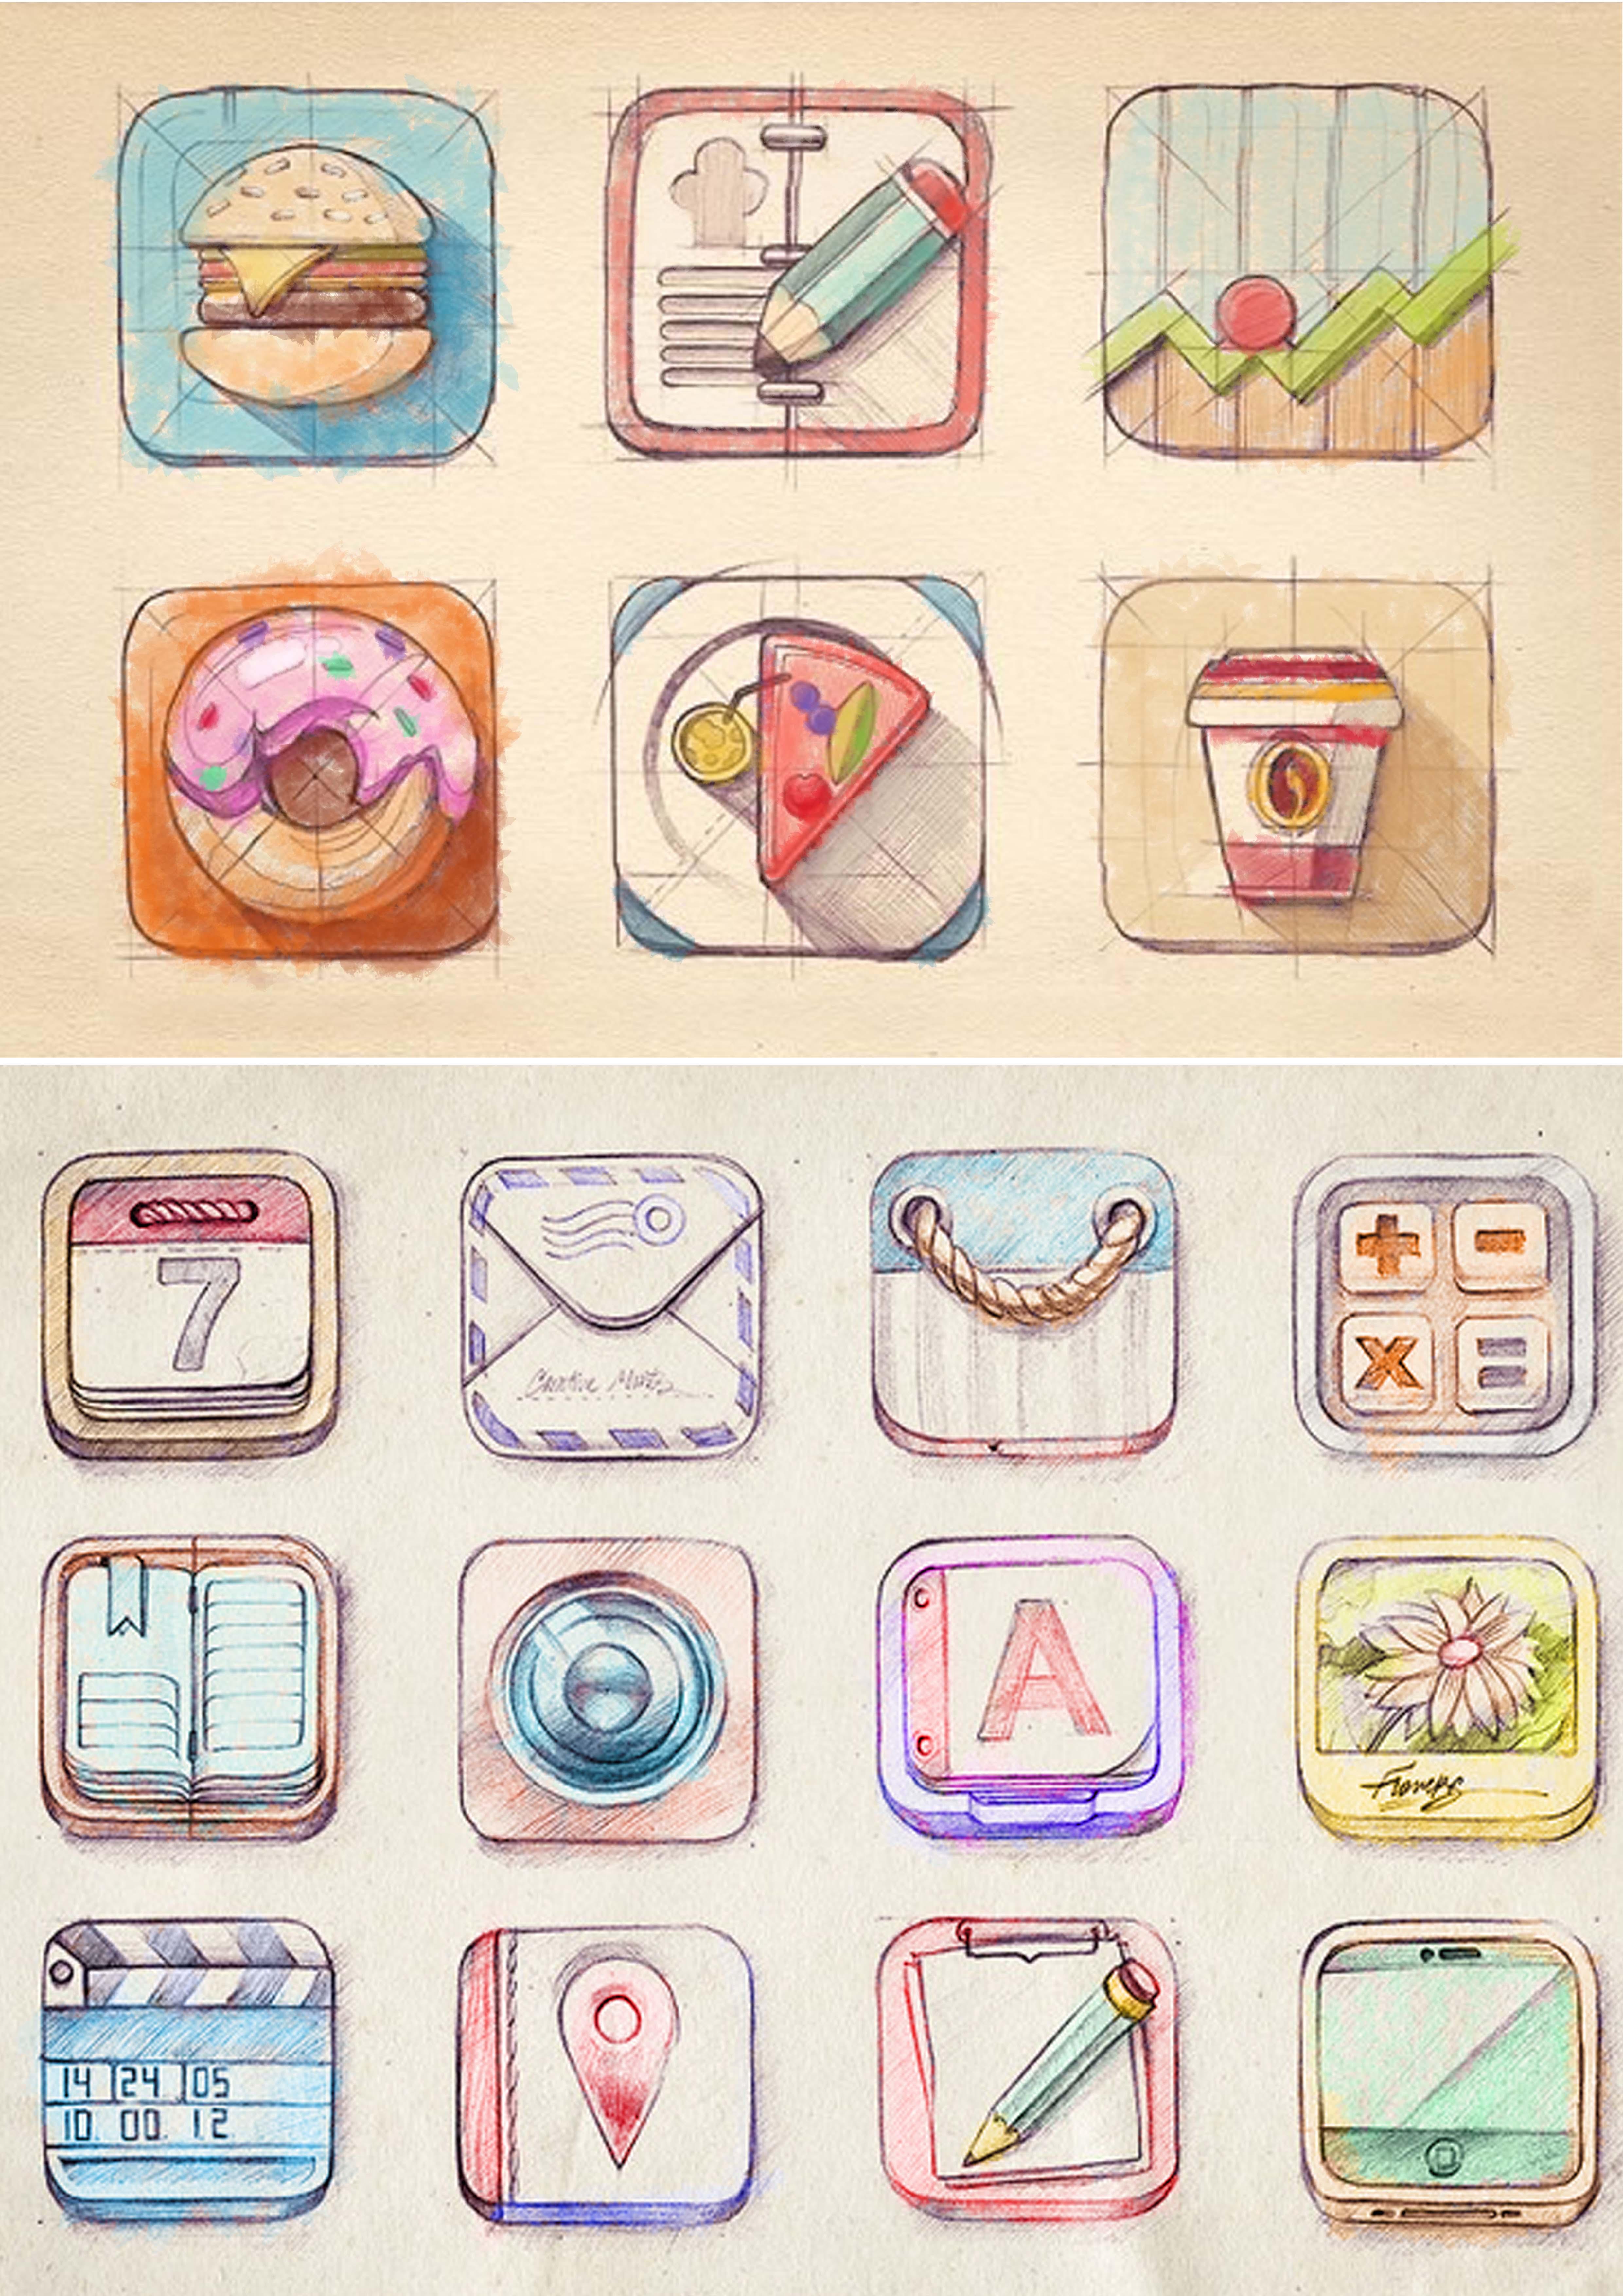 小清新手绘图标|ui|图标|weichaohong - 原创作品